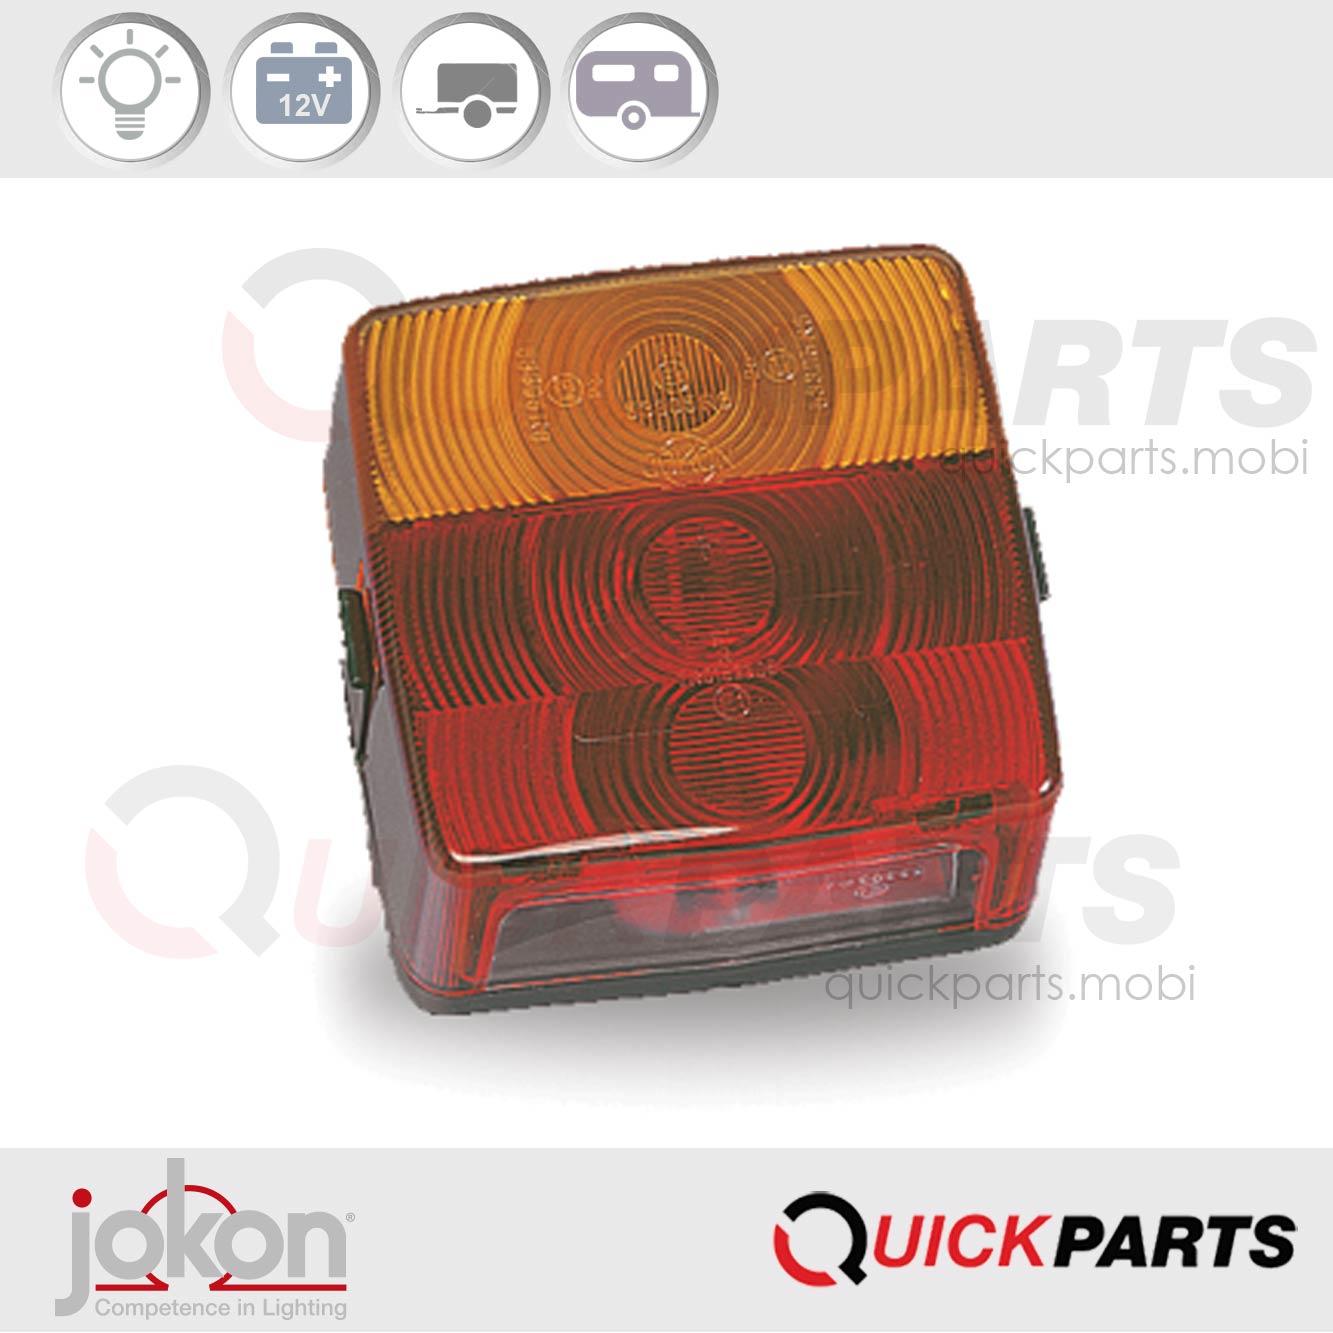 JOKON E1-0153305